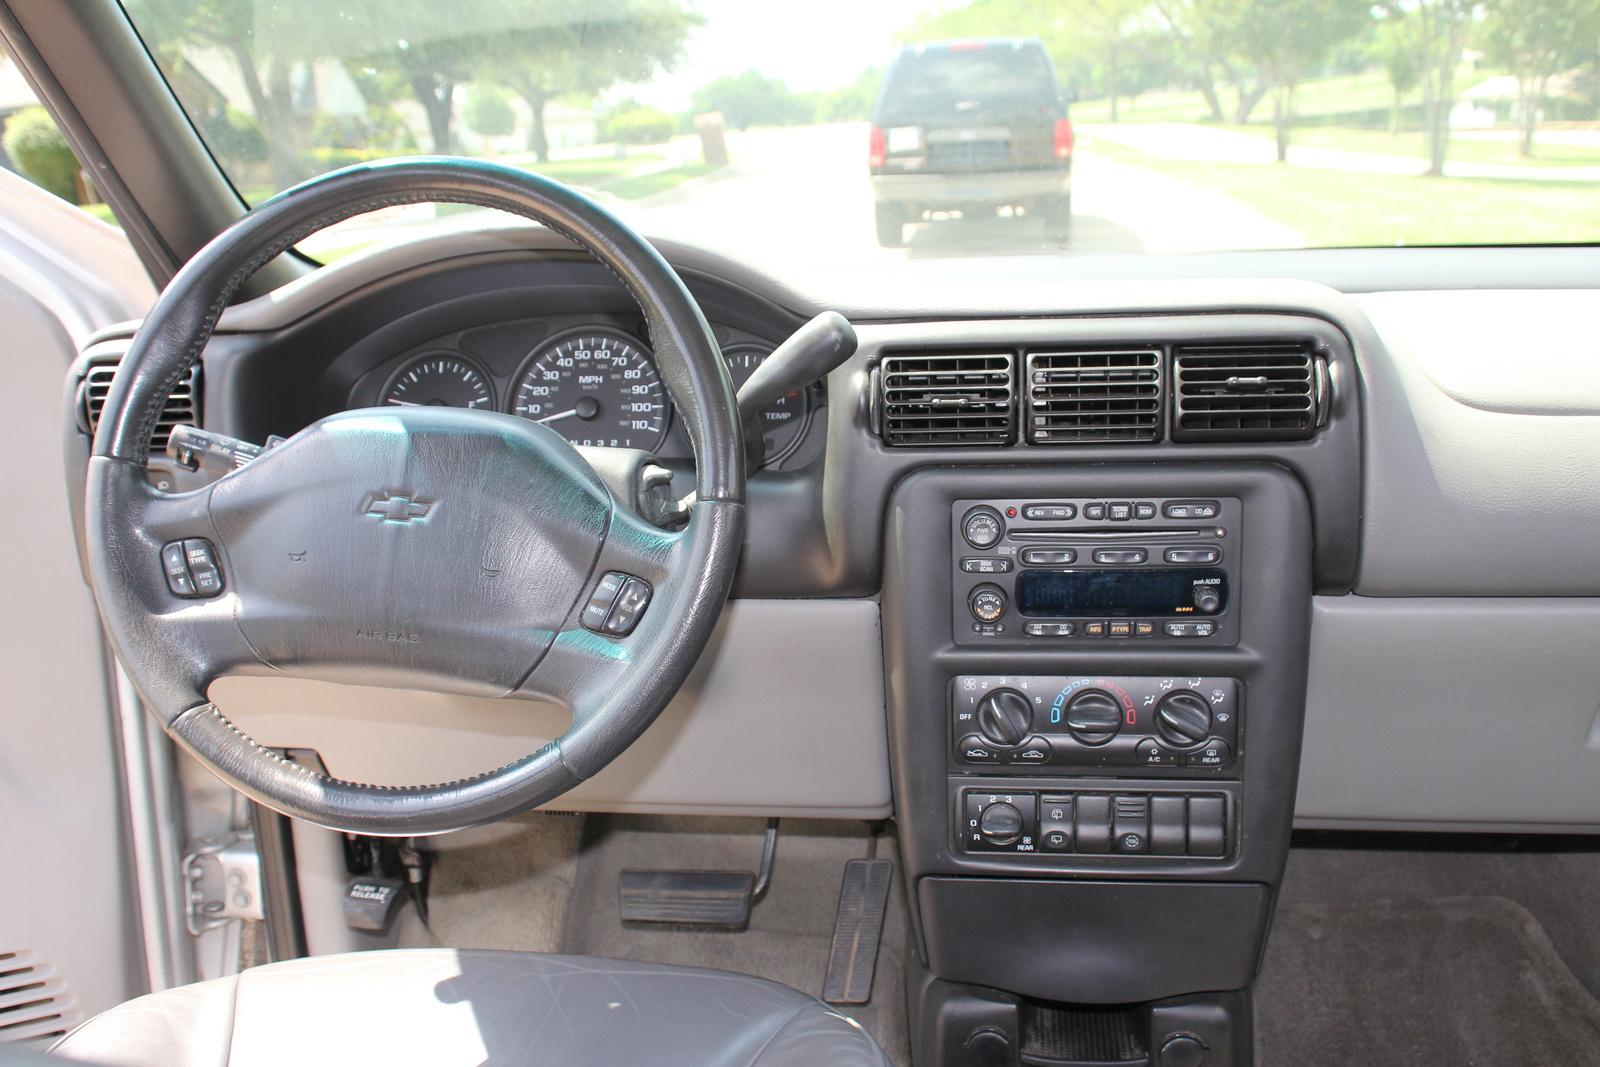 2003 chevrolet venture interior pictures cargurus